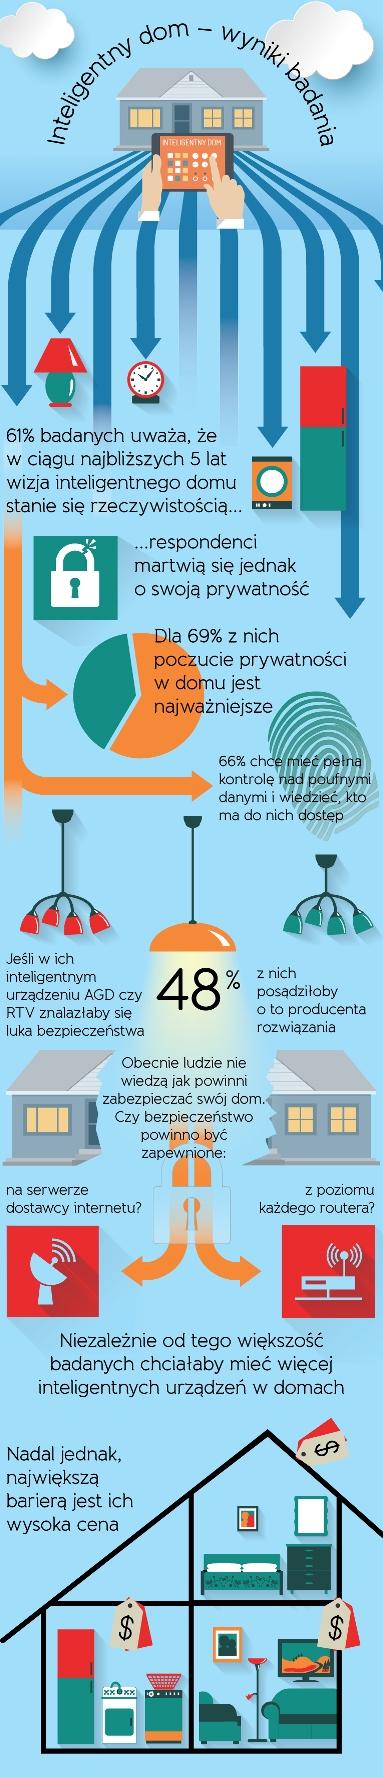 Infografika, raport Fortinet, źródło: informacja prasowa